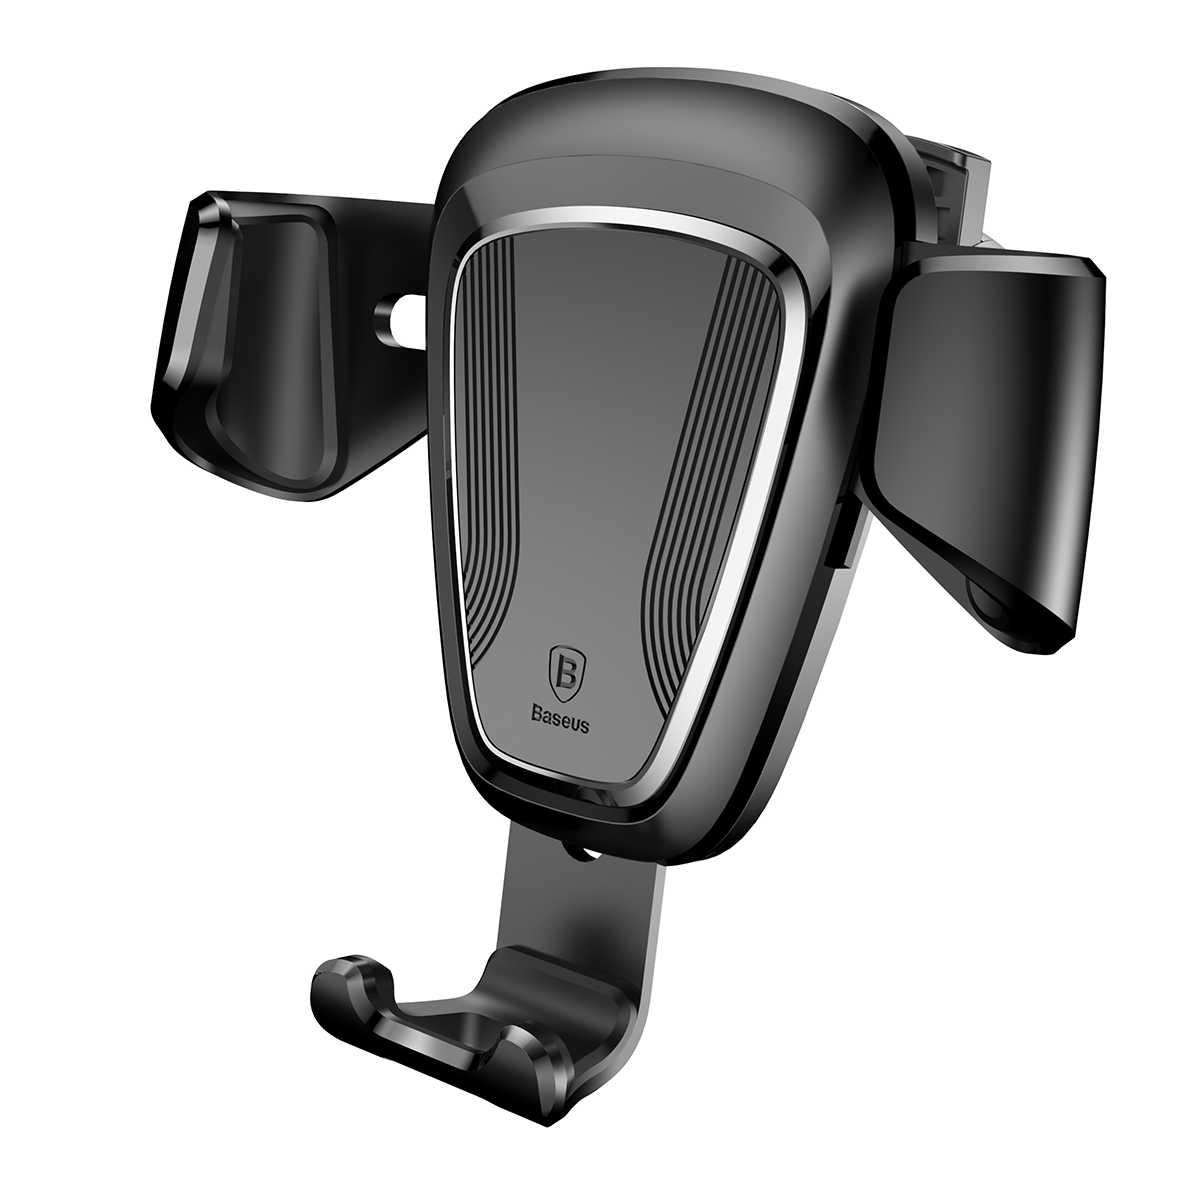 Titular de Telefone Celular carro Gravidade Car Air Vent Phone Holder Mount Bloqueio Automático Auto-Aperto para o iphone X Mais, samsung Galaxy, A30